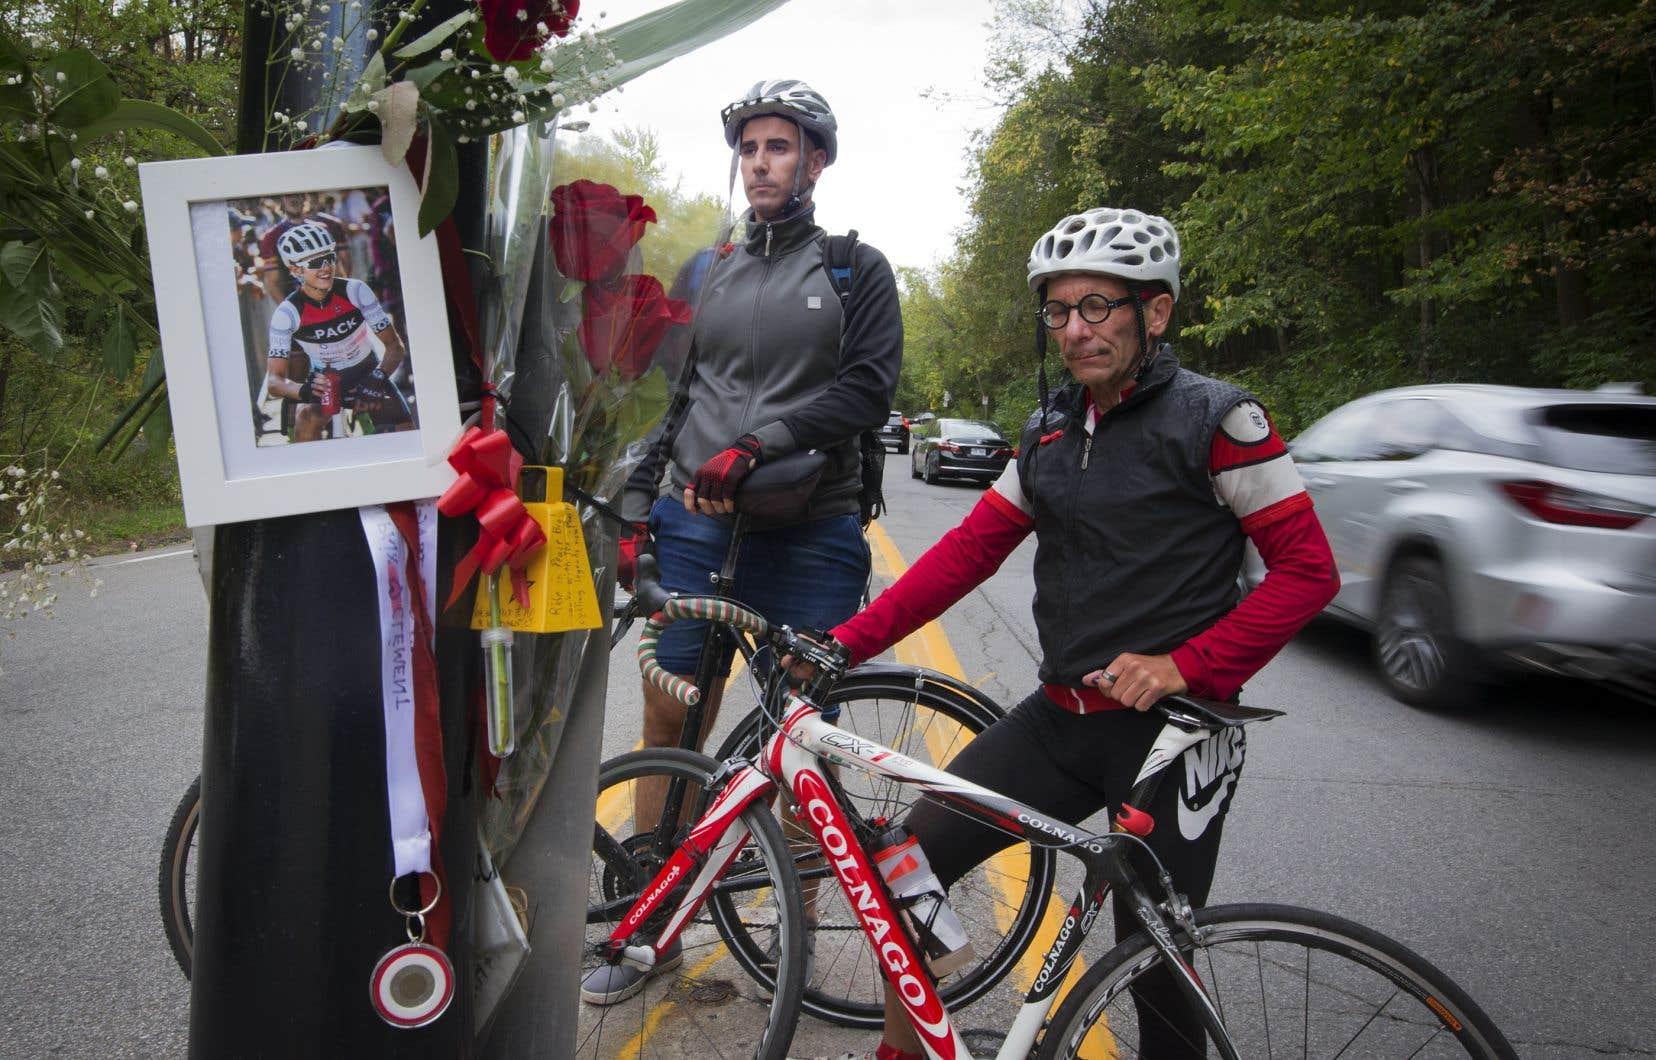 La mort du jeune cycliste âgé de 18 ans relance un autre débat sur la sécurité des déplacements près de la montagne.